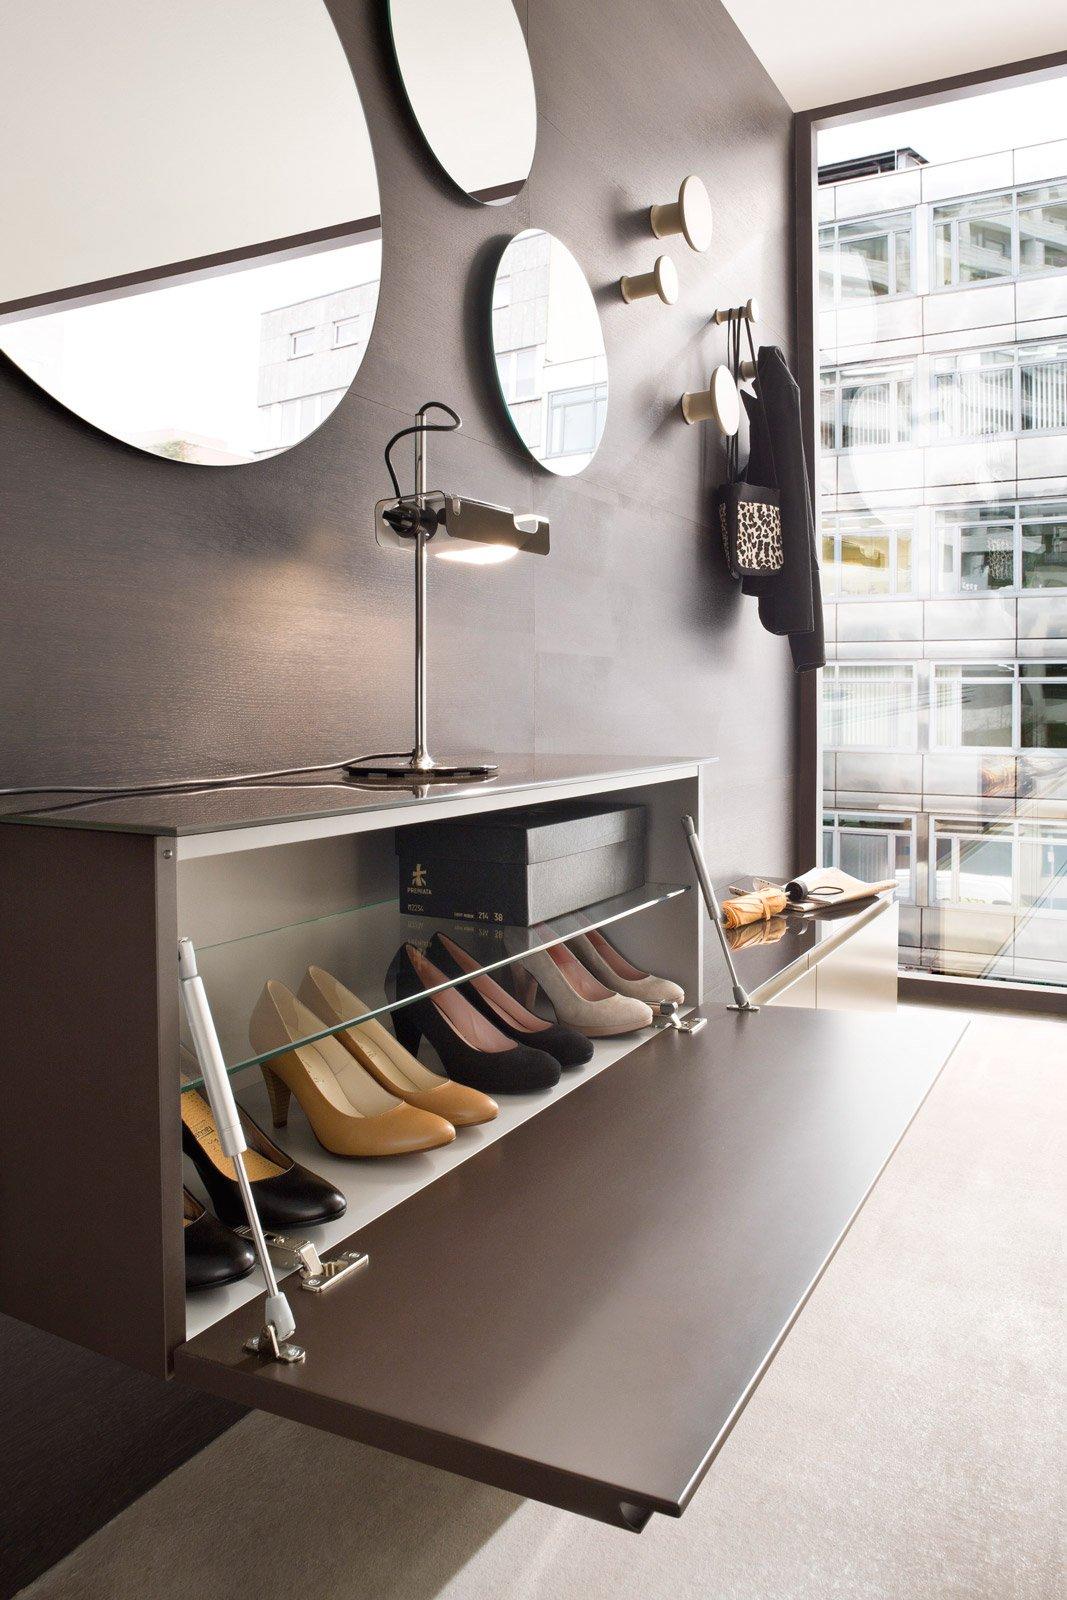 Scarpiere slim modulari e salvaspazio cose di casa for Arredo ingresso design